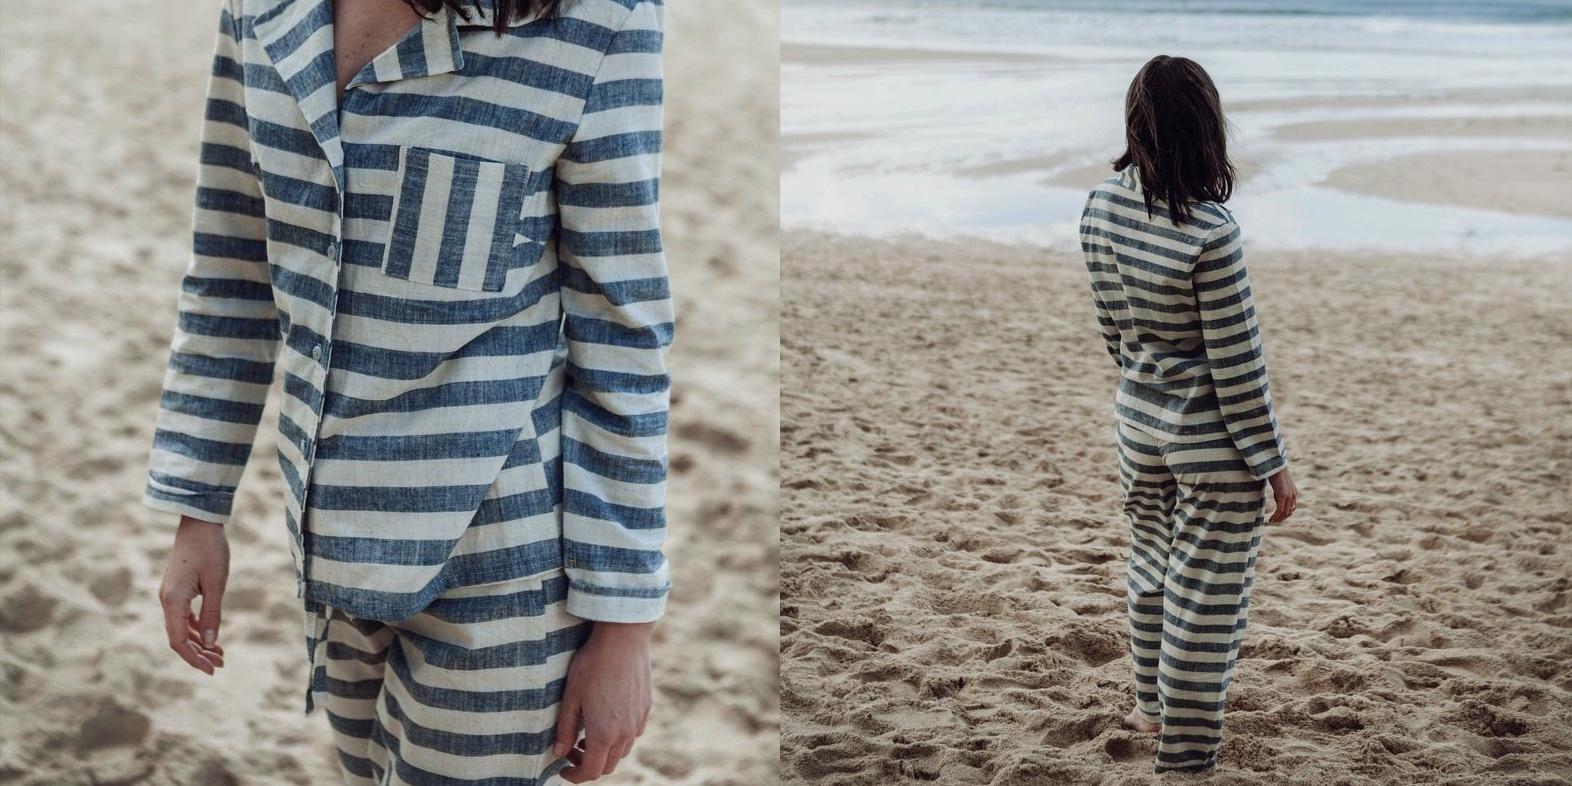 handwoven-nightwear-for-women